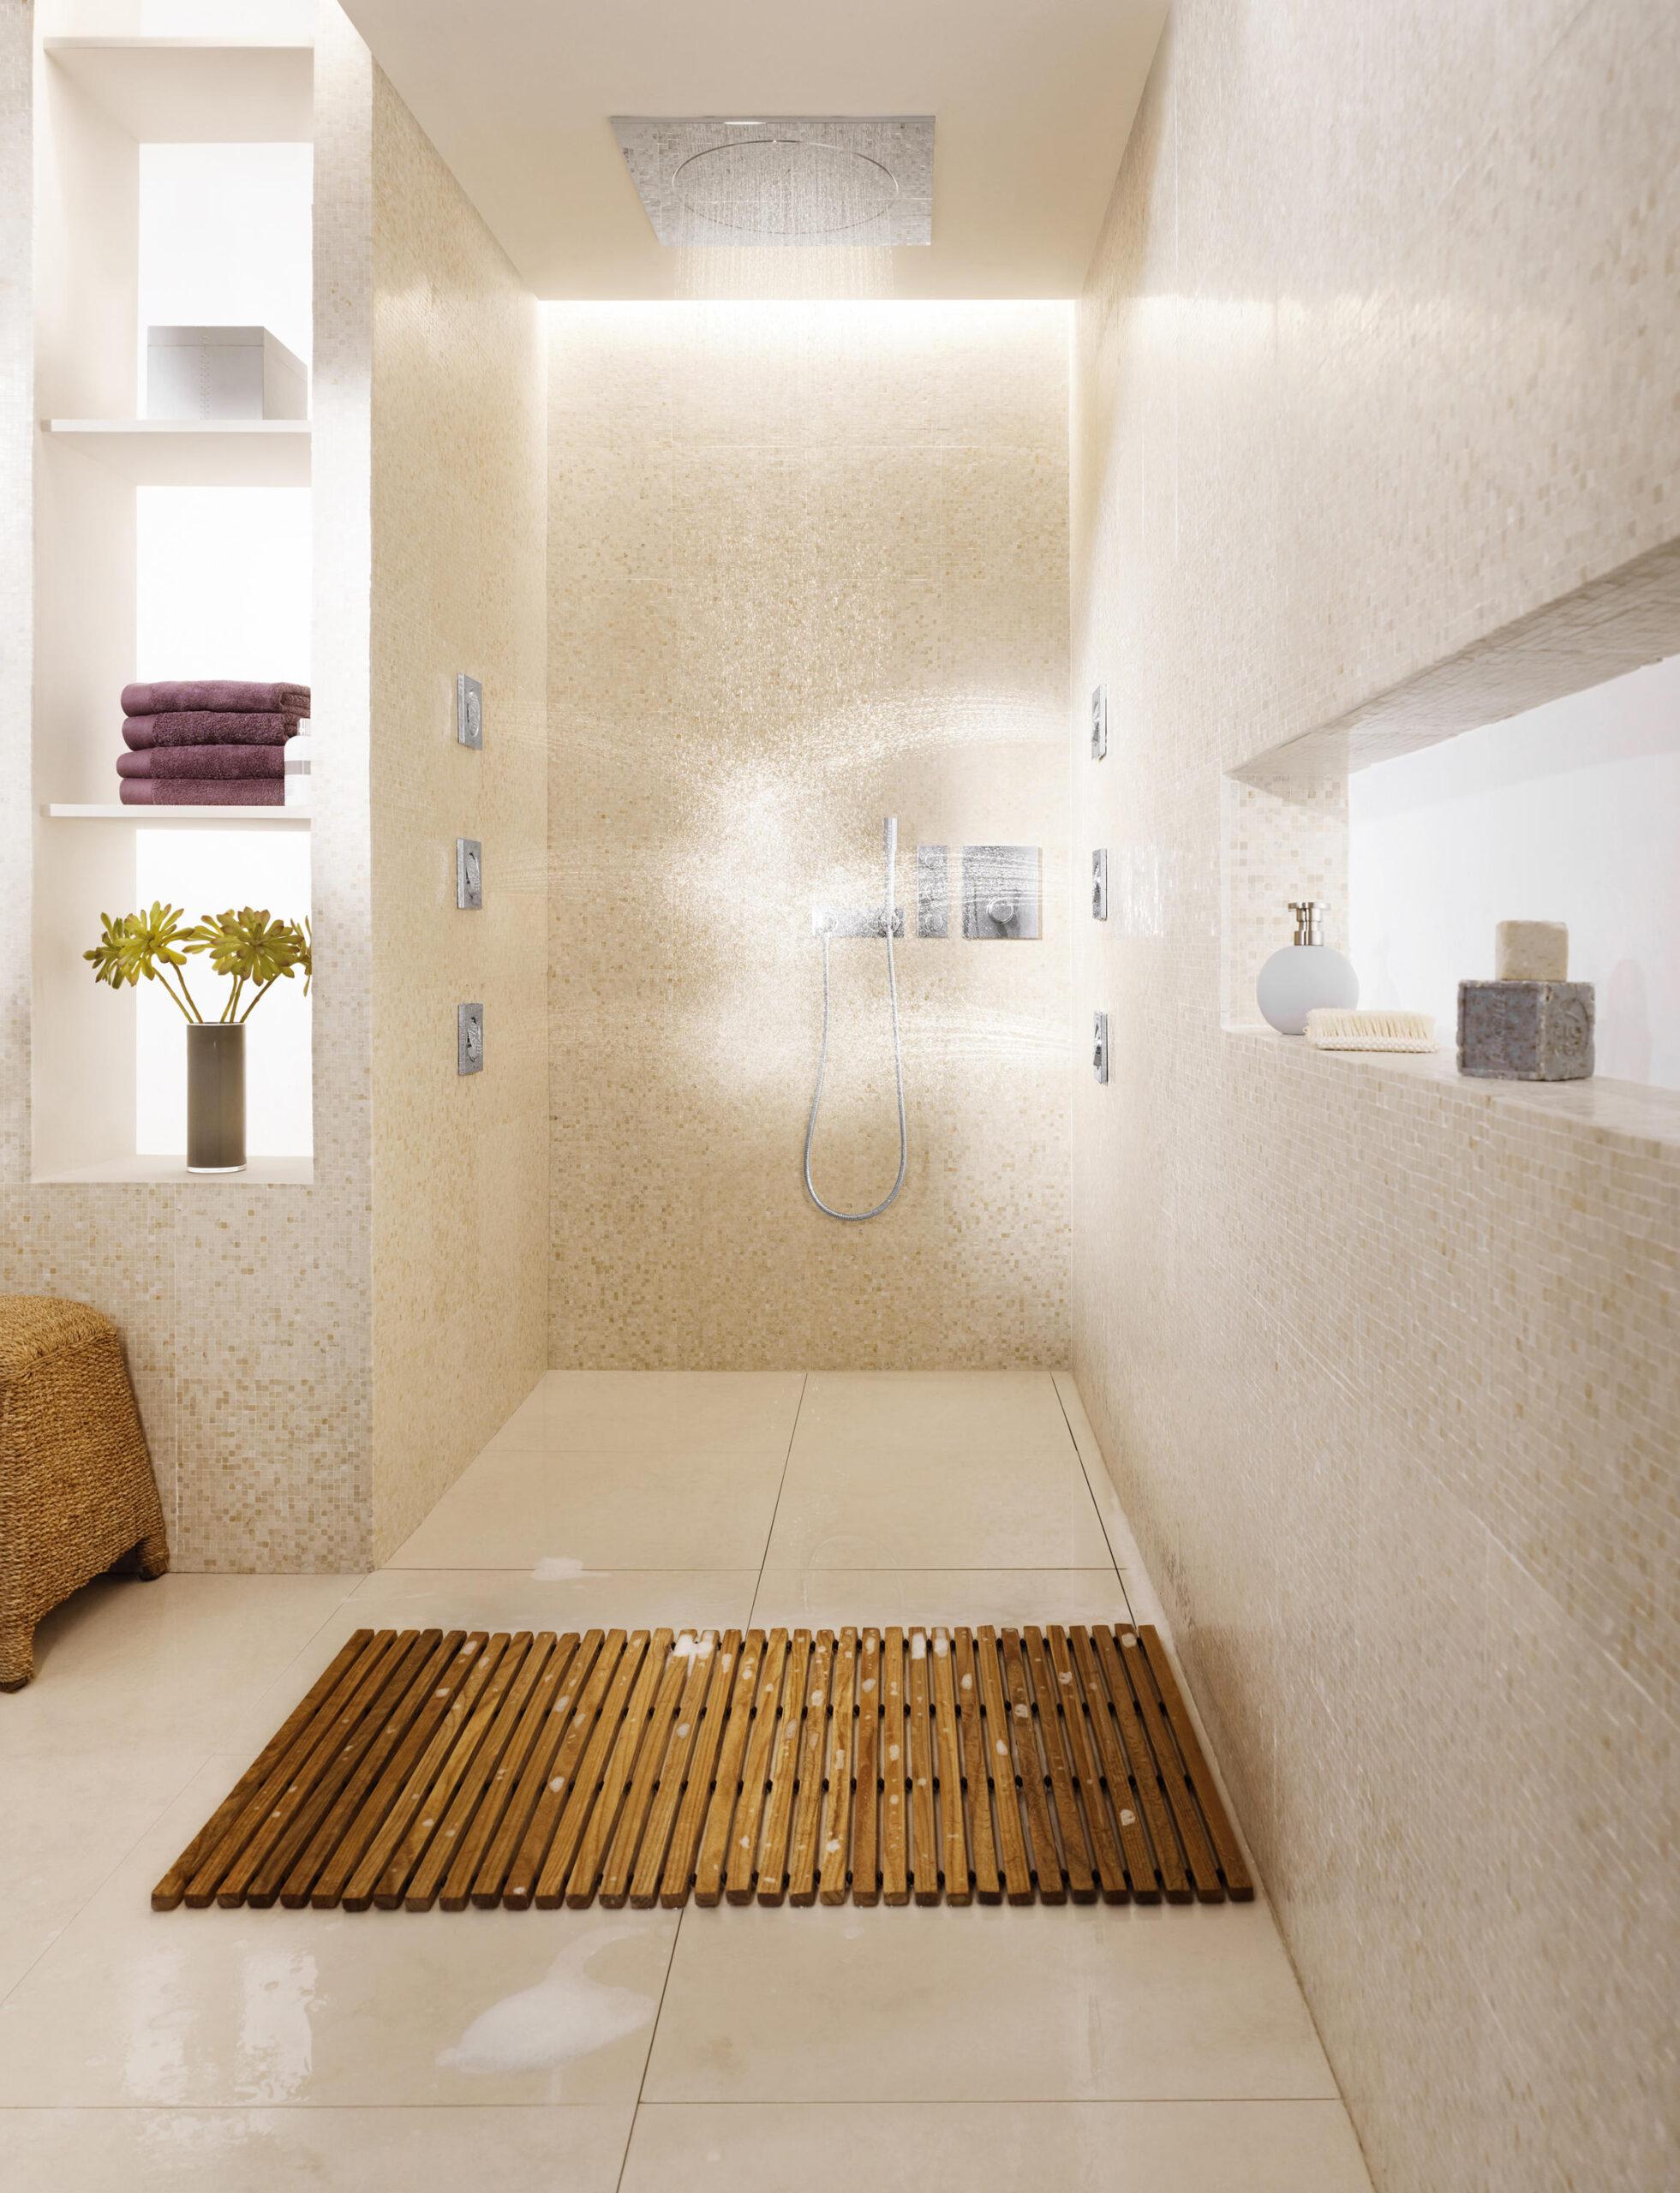 Full Size of Begehbare Dusche Ohne Tür Abfluss Bodengleiche Einbauen Einhebelmischer Ebenerdige Hsk Duschen Mischbatterie Nachträglich Schulte Badewanne Mit Breuer Dusche Rainshower Dusche